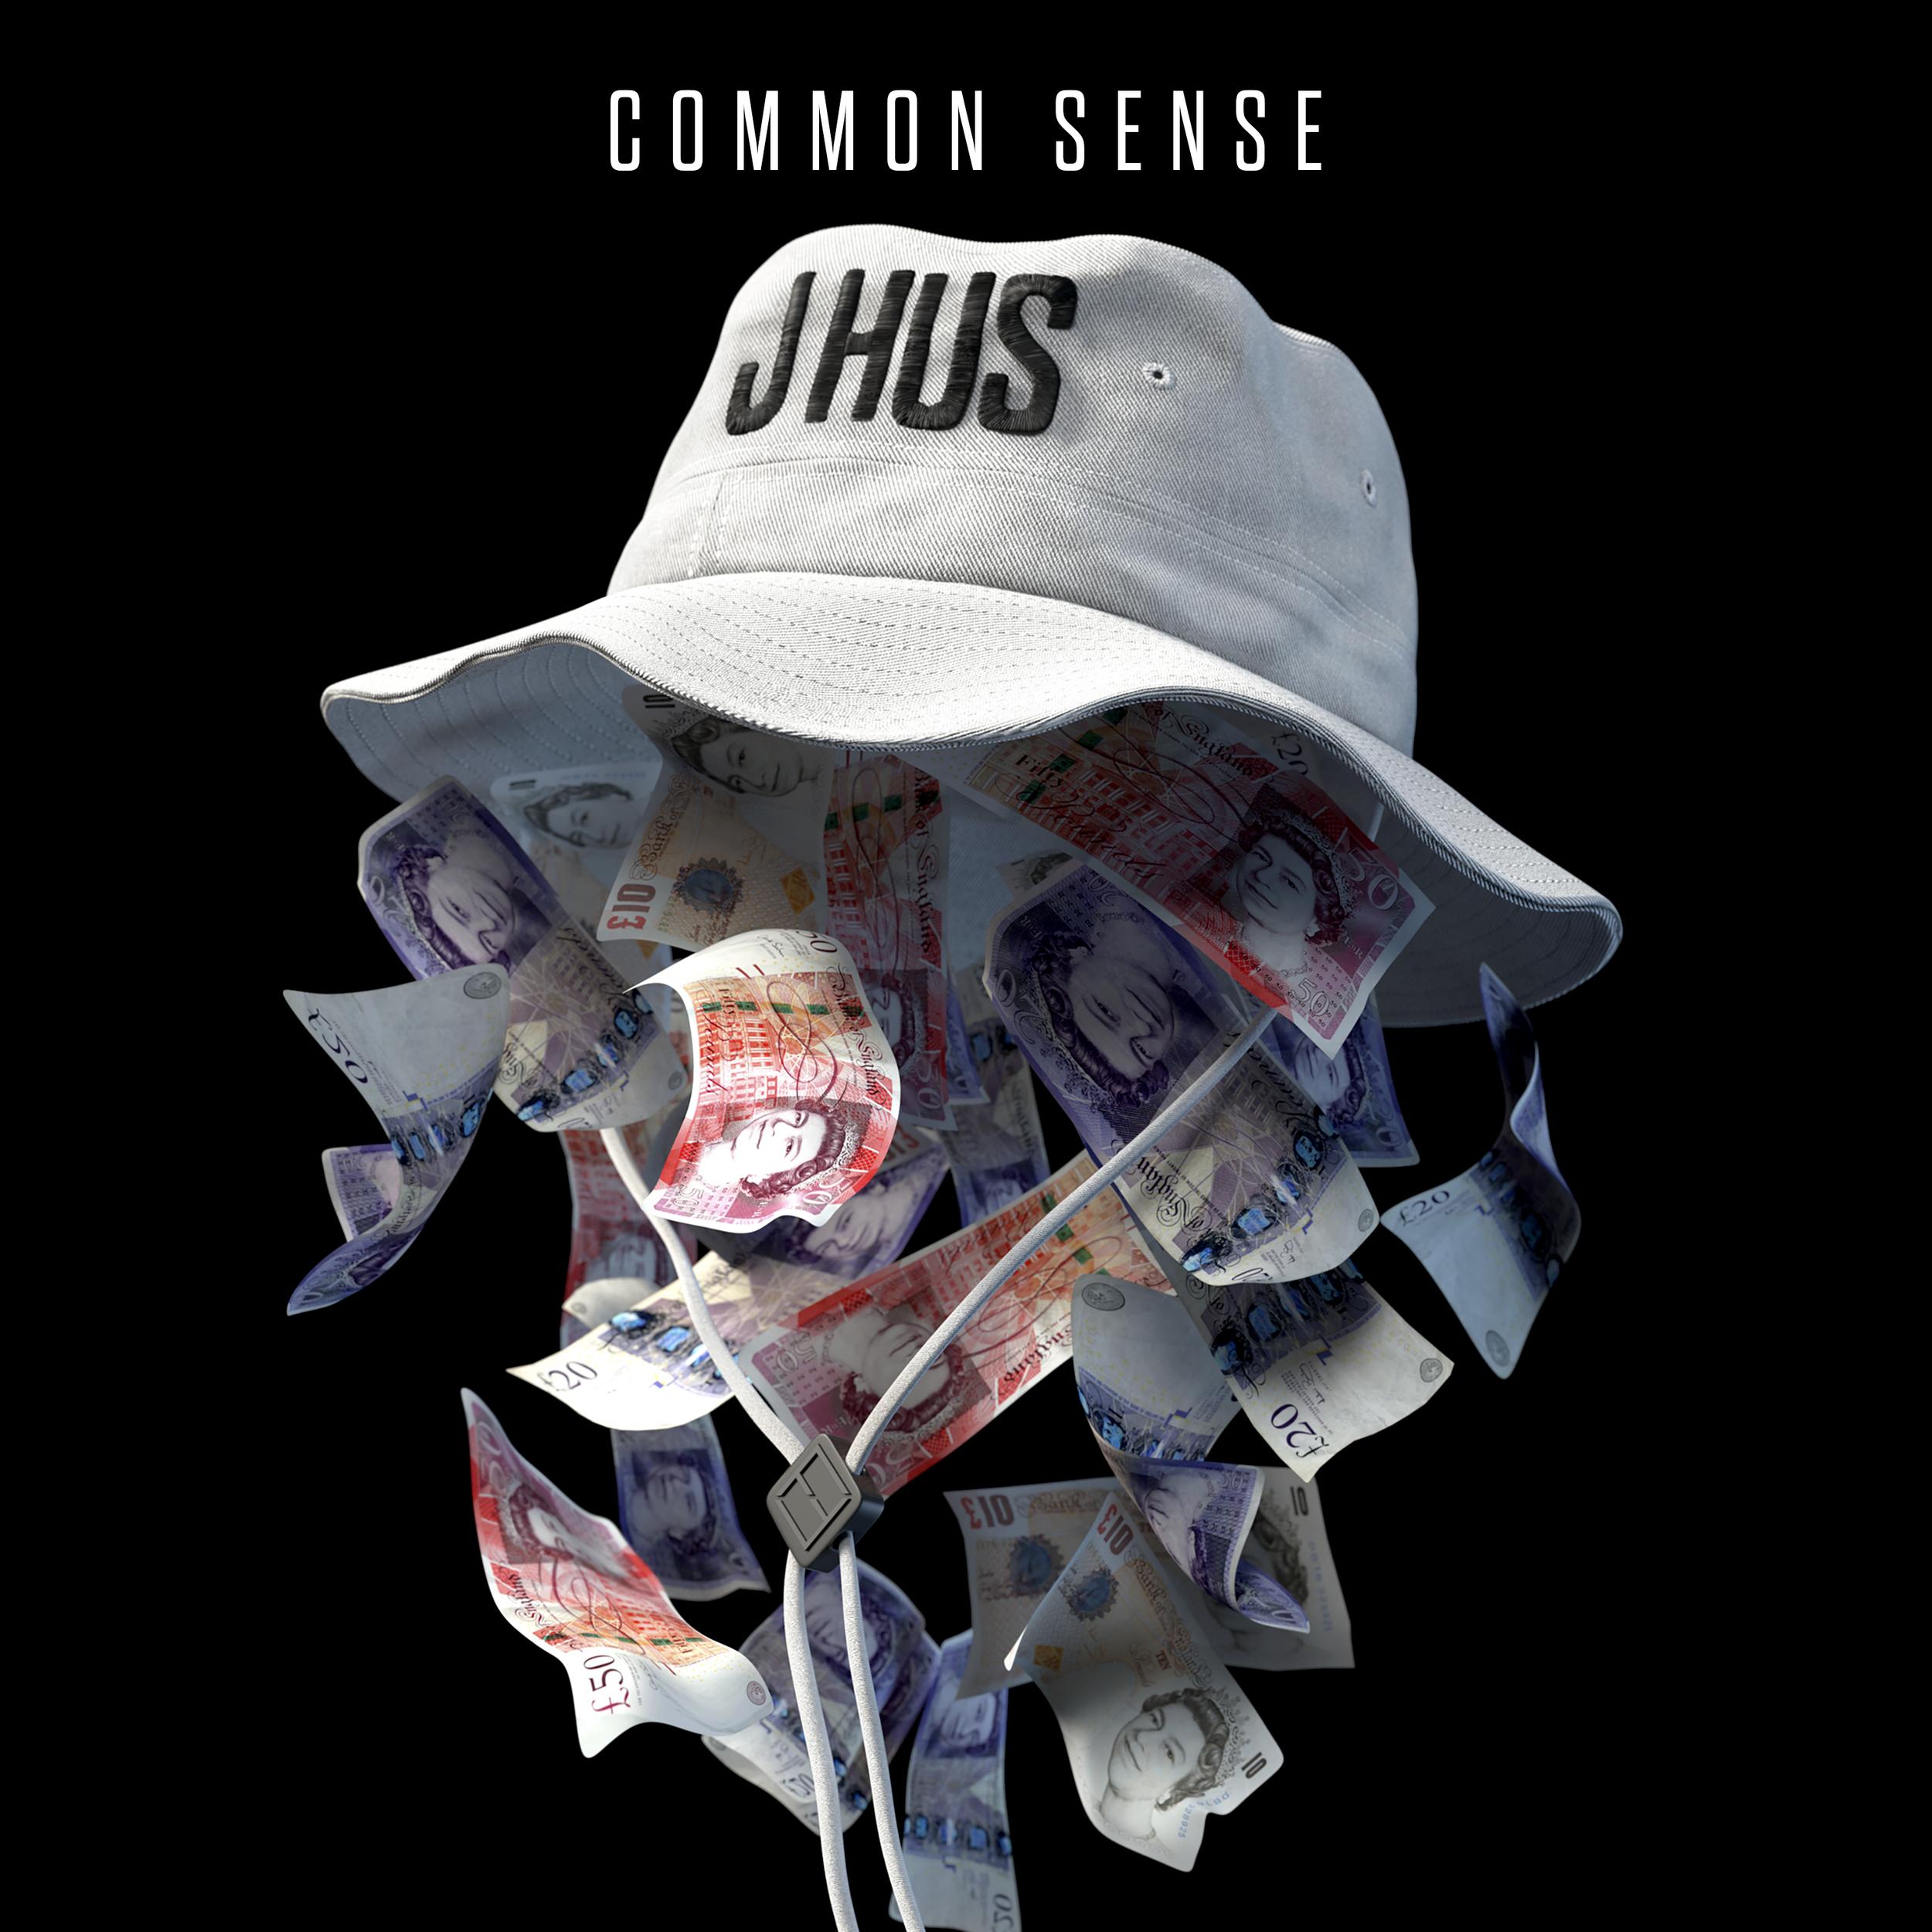 J HUS - COMMON SENSE (BLACK BUTTER, 2017)